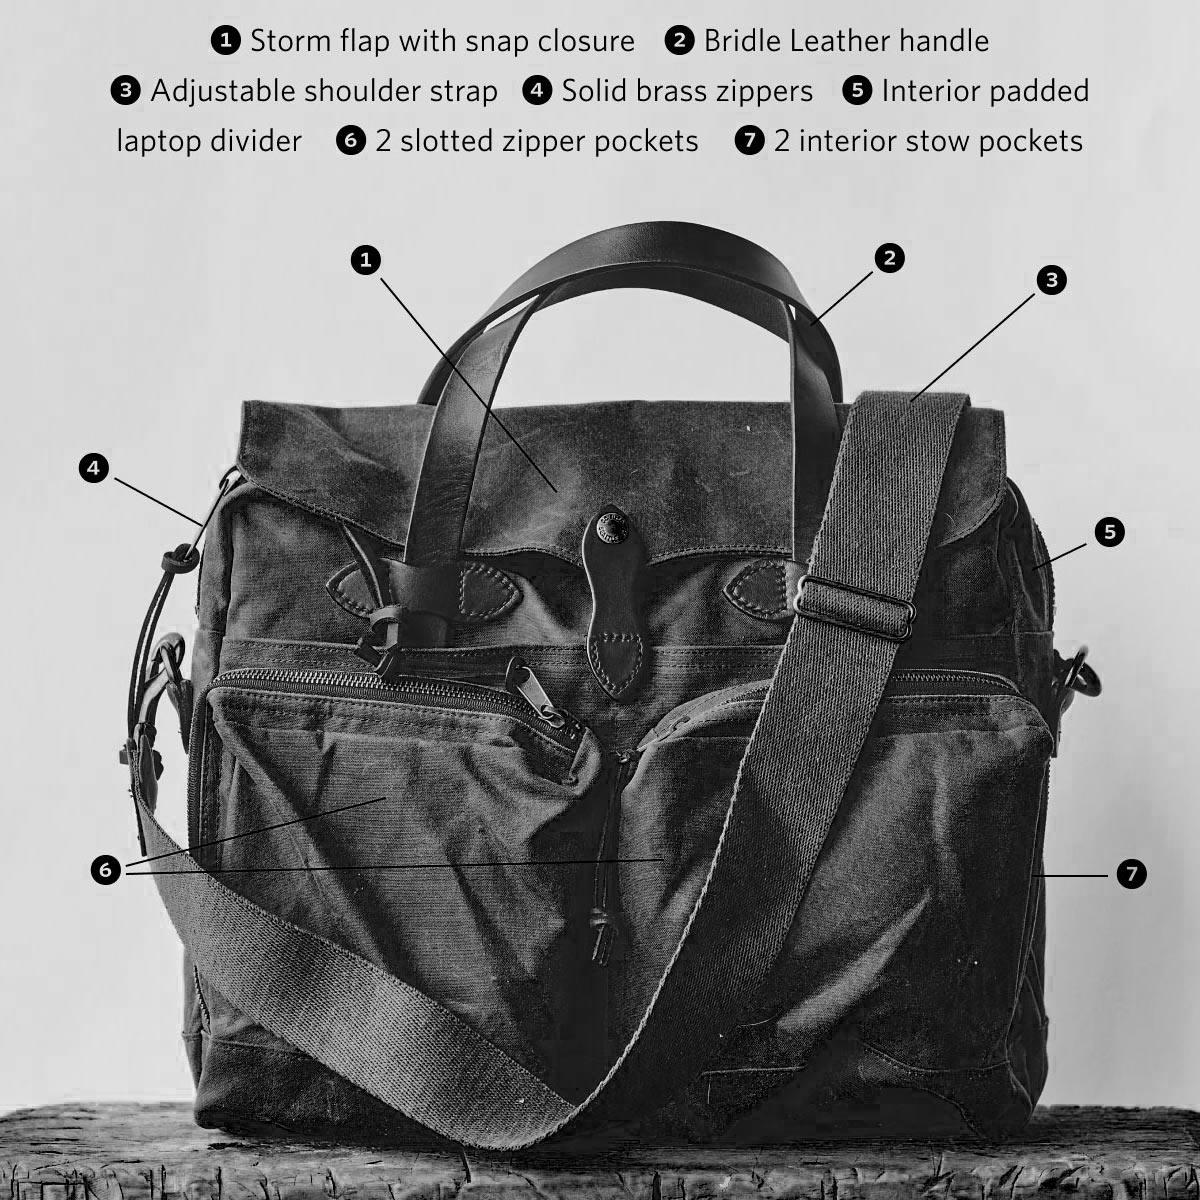 Filson-24-Hour-Briefcase-Cinder briefcase-features